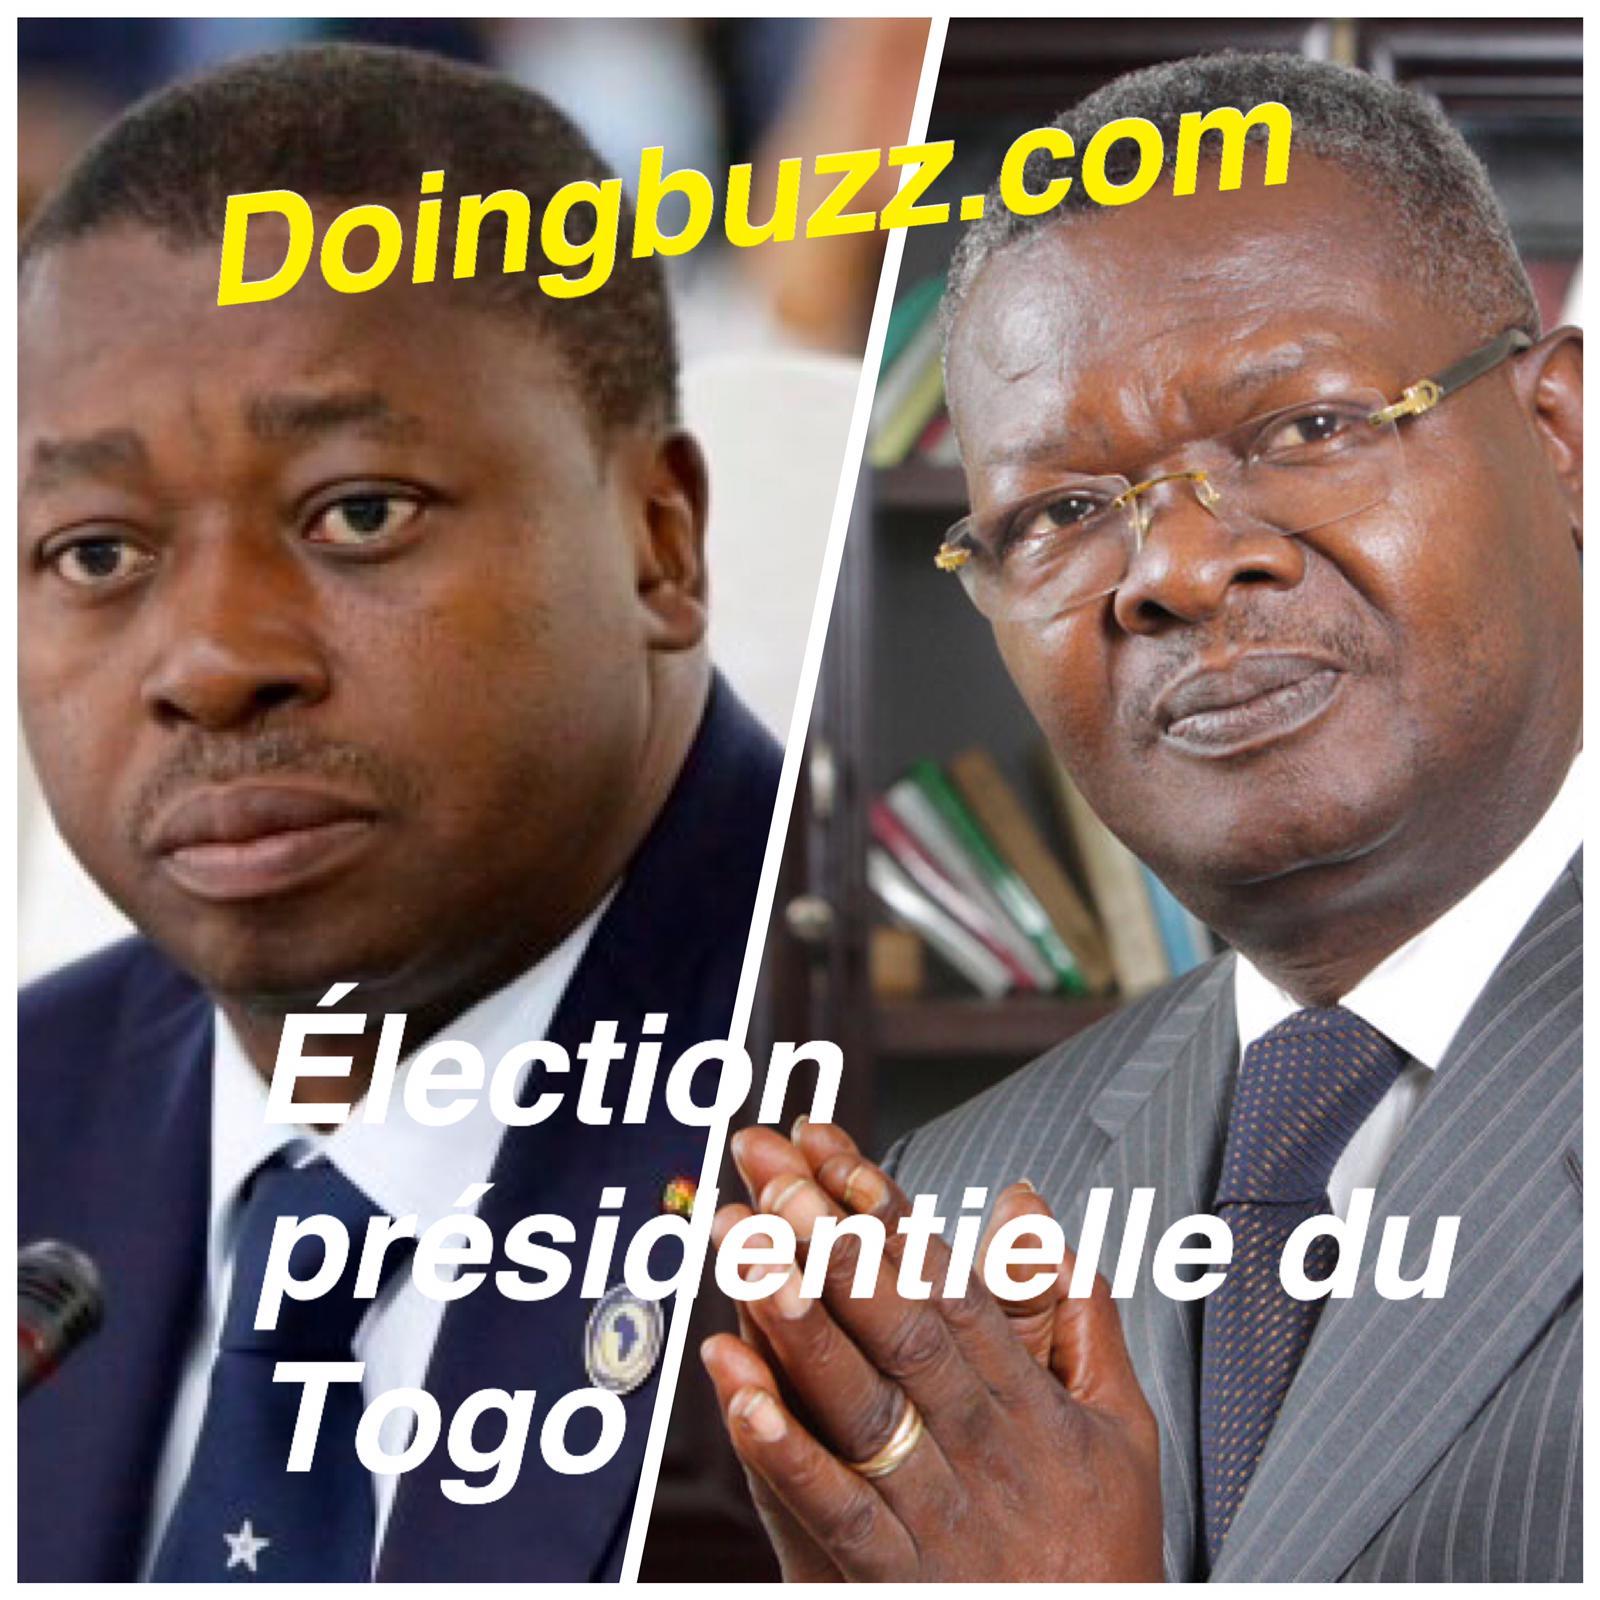 Élection présidentielle au Togo 2020  : dix candidats à la conquête du fauteuil présidentiel